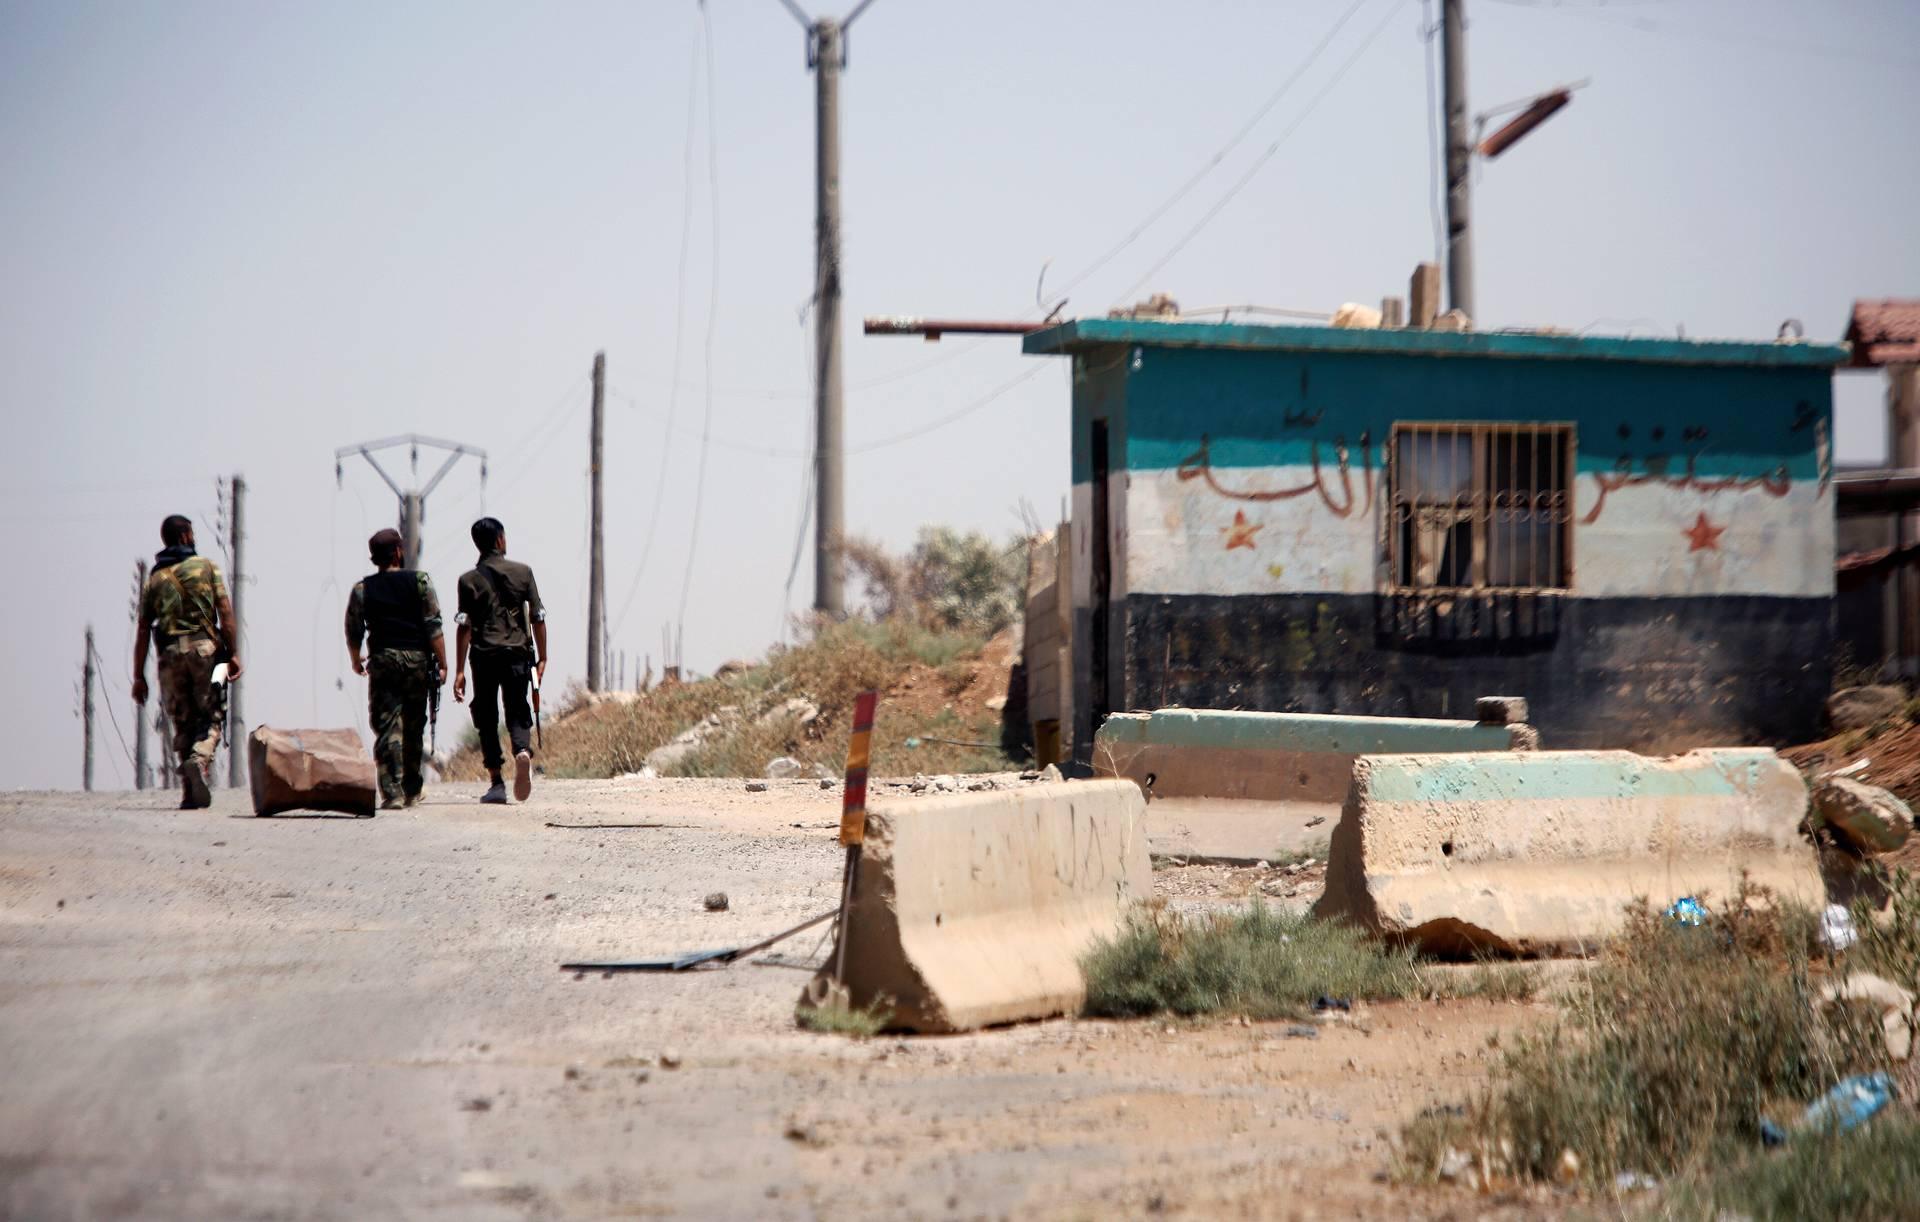 Армия Сирии нанесла удары по террористам, нарушившим перемирие в зоне деэскалации